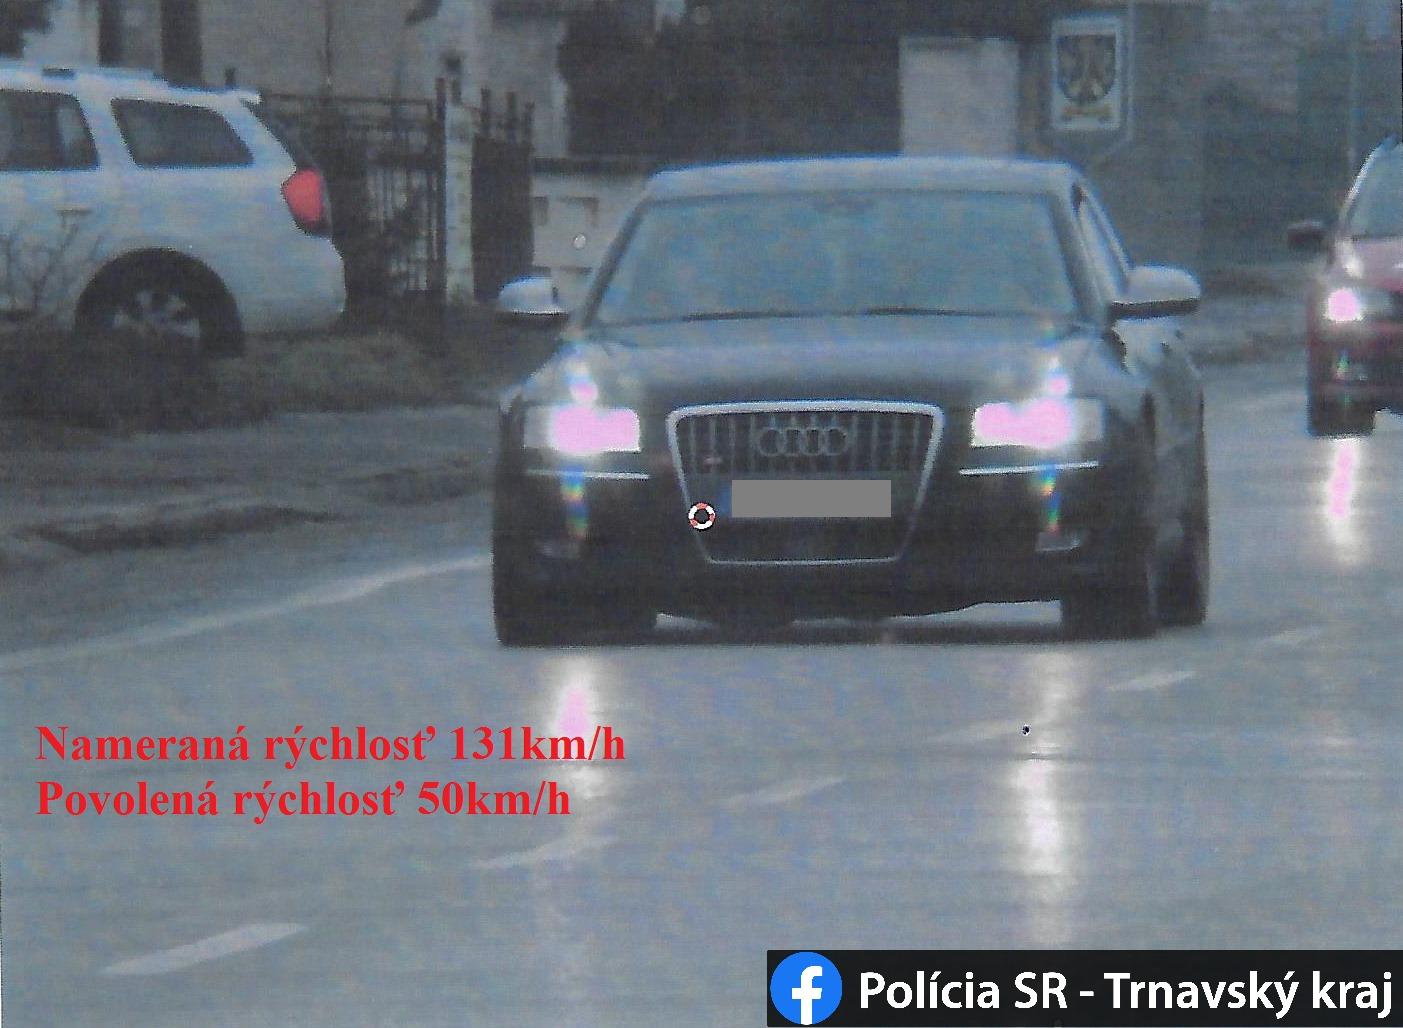 Audi S8 namerali v obci 131 km/h